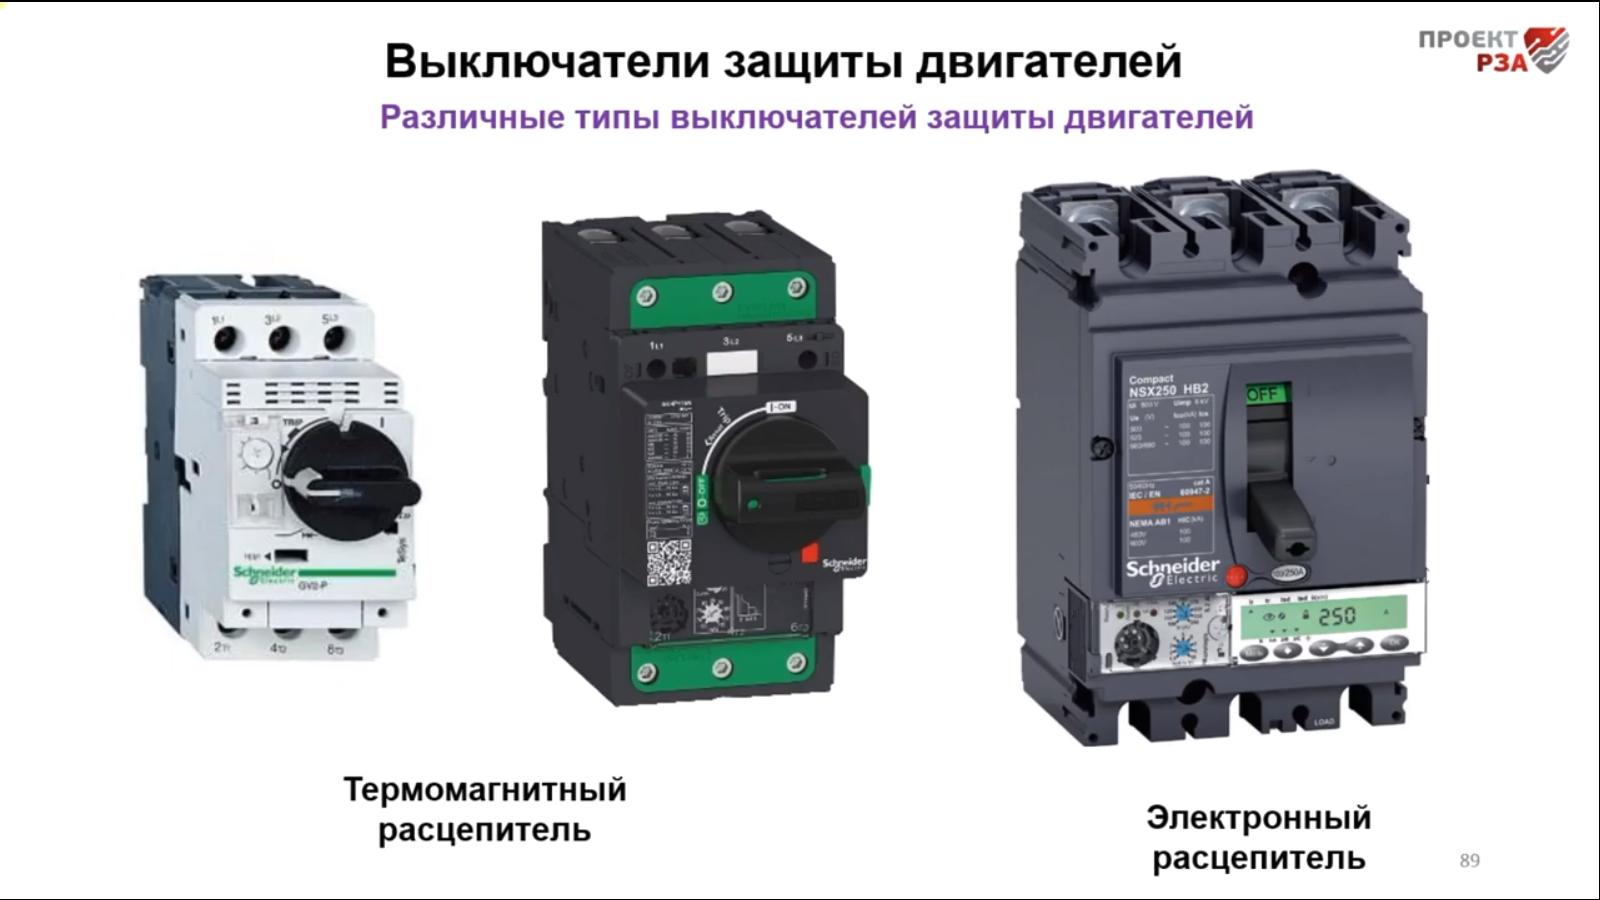 Автоматические выключатели двигателей 0,4 кВ